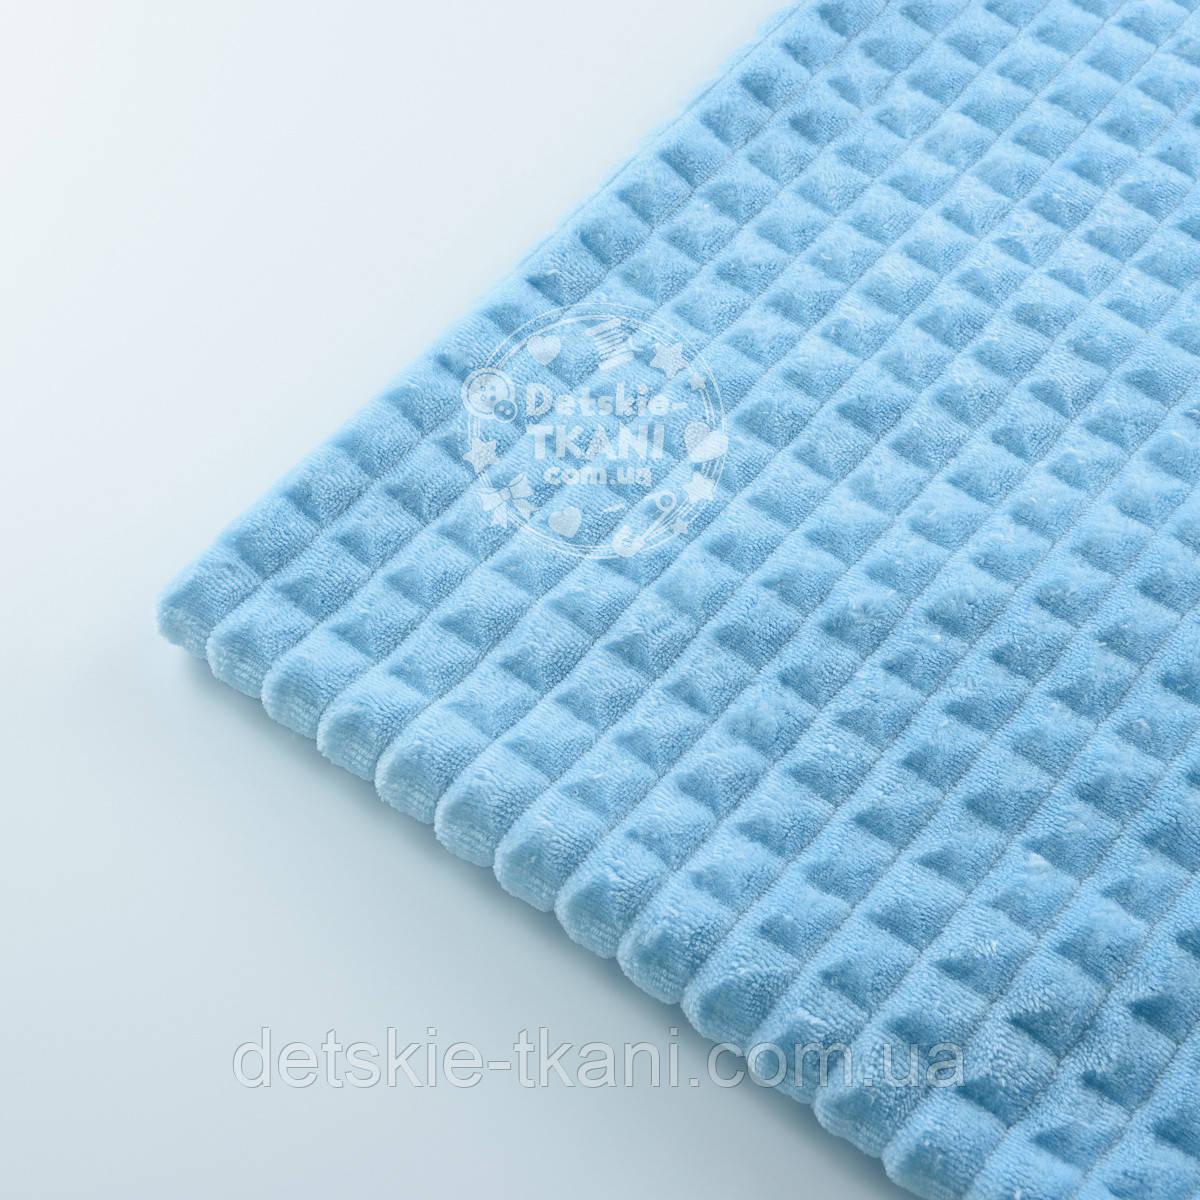 """Два лоскута плюша """"Пирамидки"""", голубого цвета (М-57), размер 50*55, 50*100 см (есть брак)"""